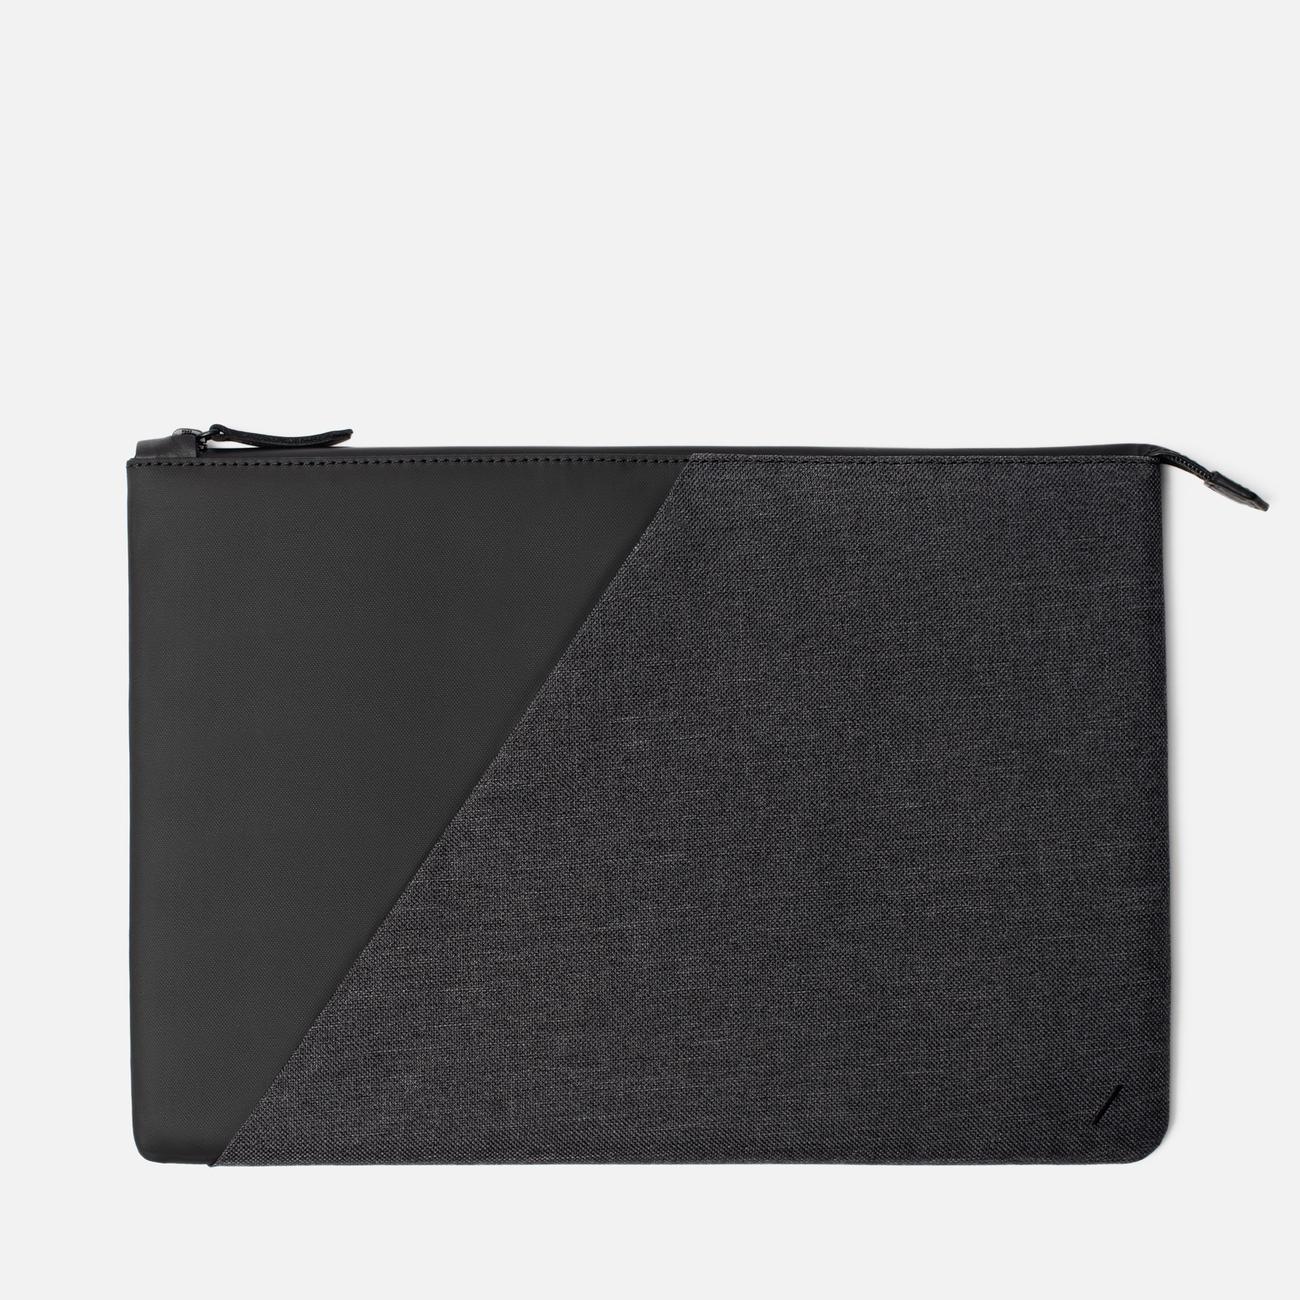 Чехол Native Union Stow Macbook 13 Grey